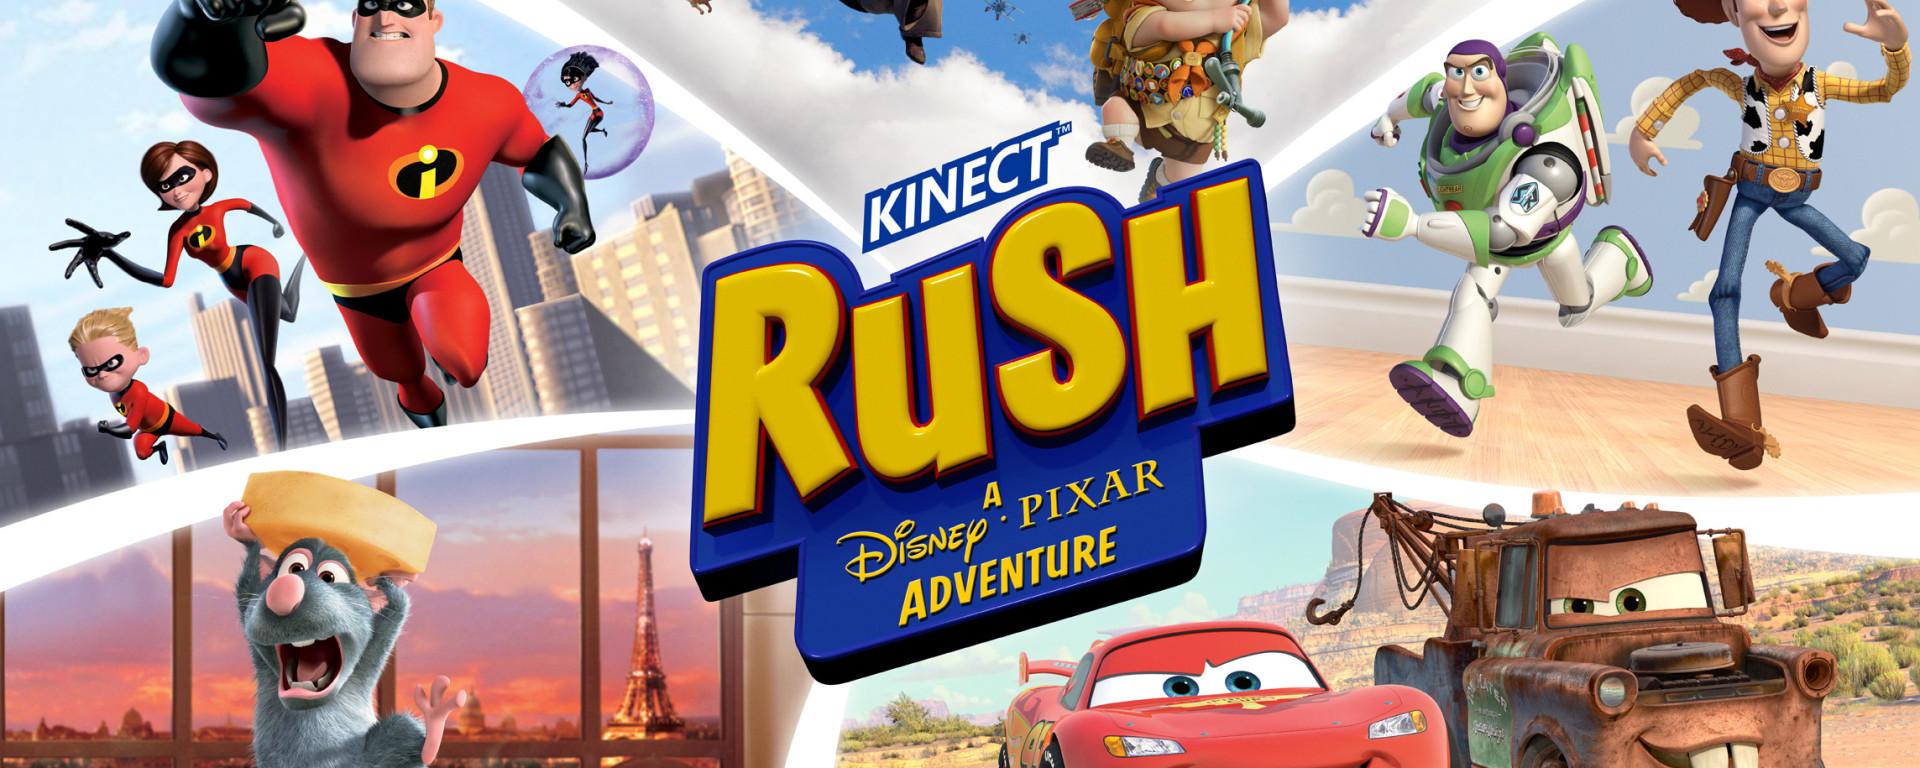 kinectrushback